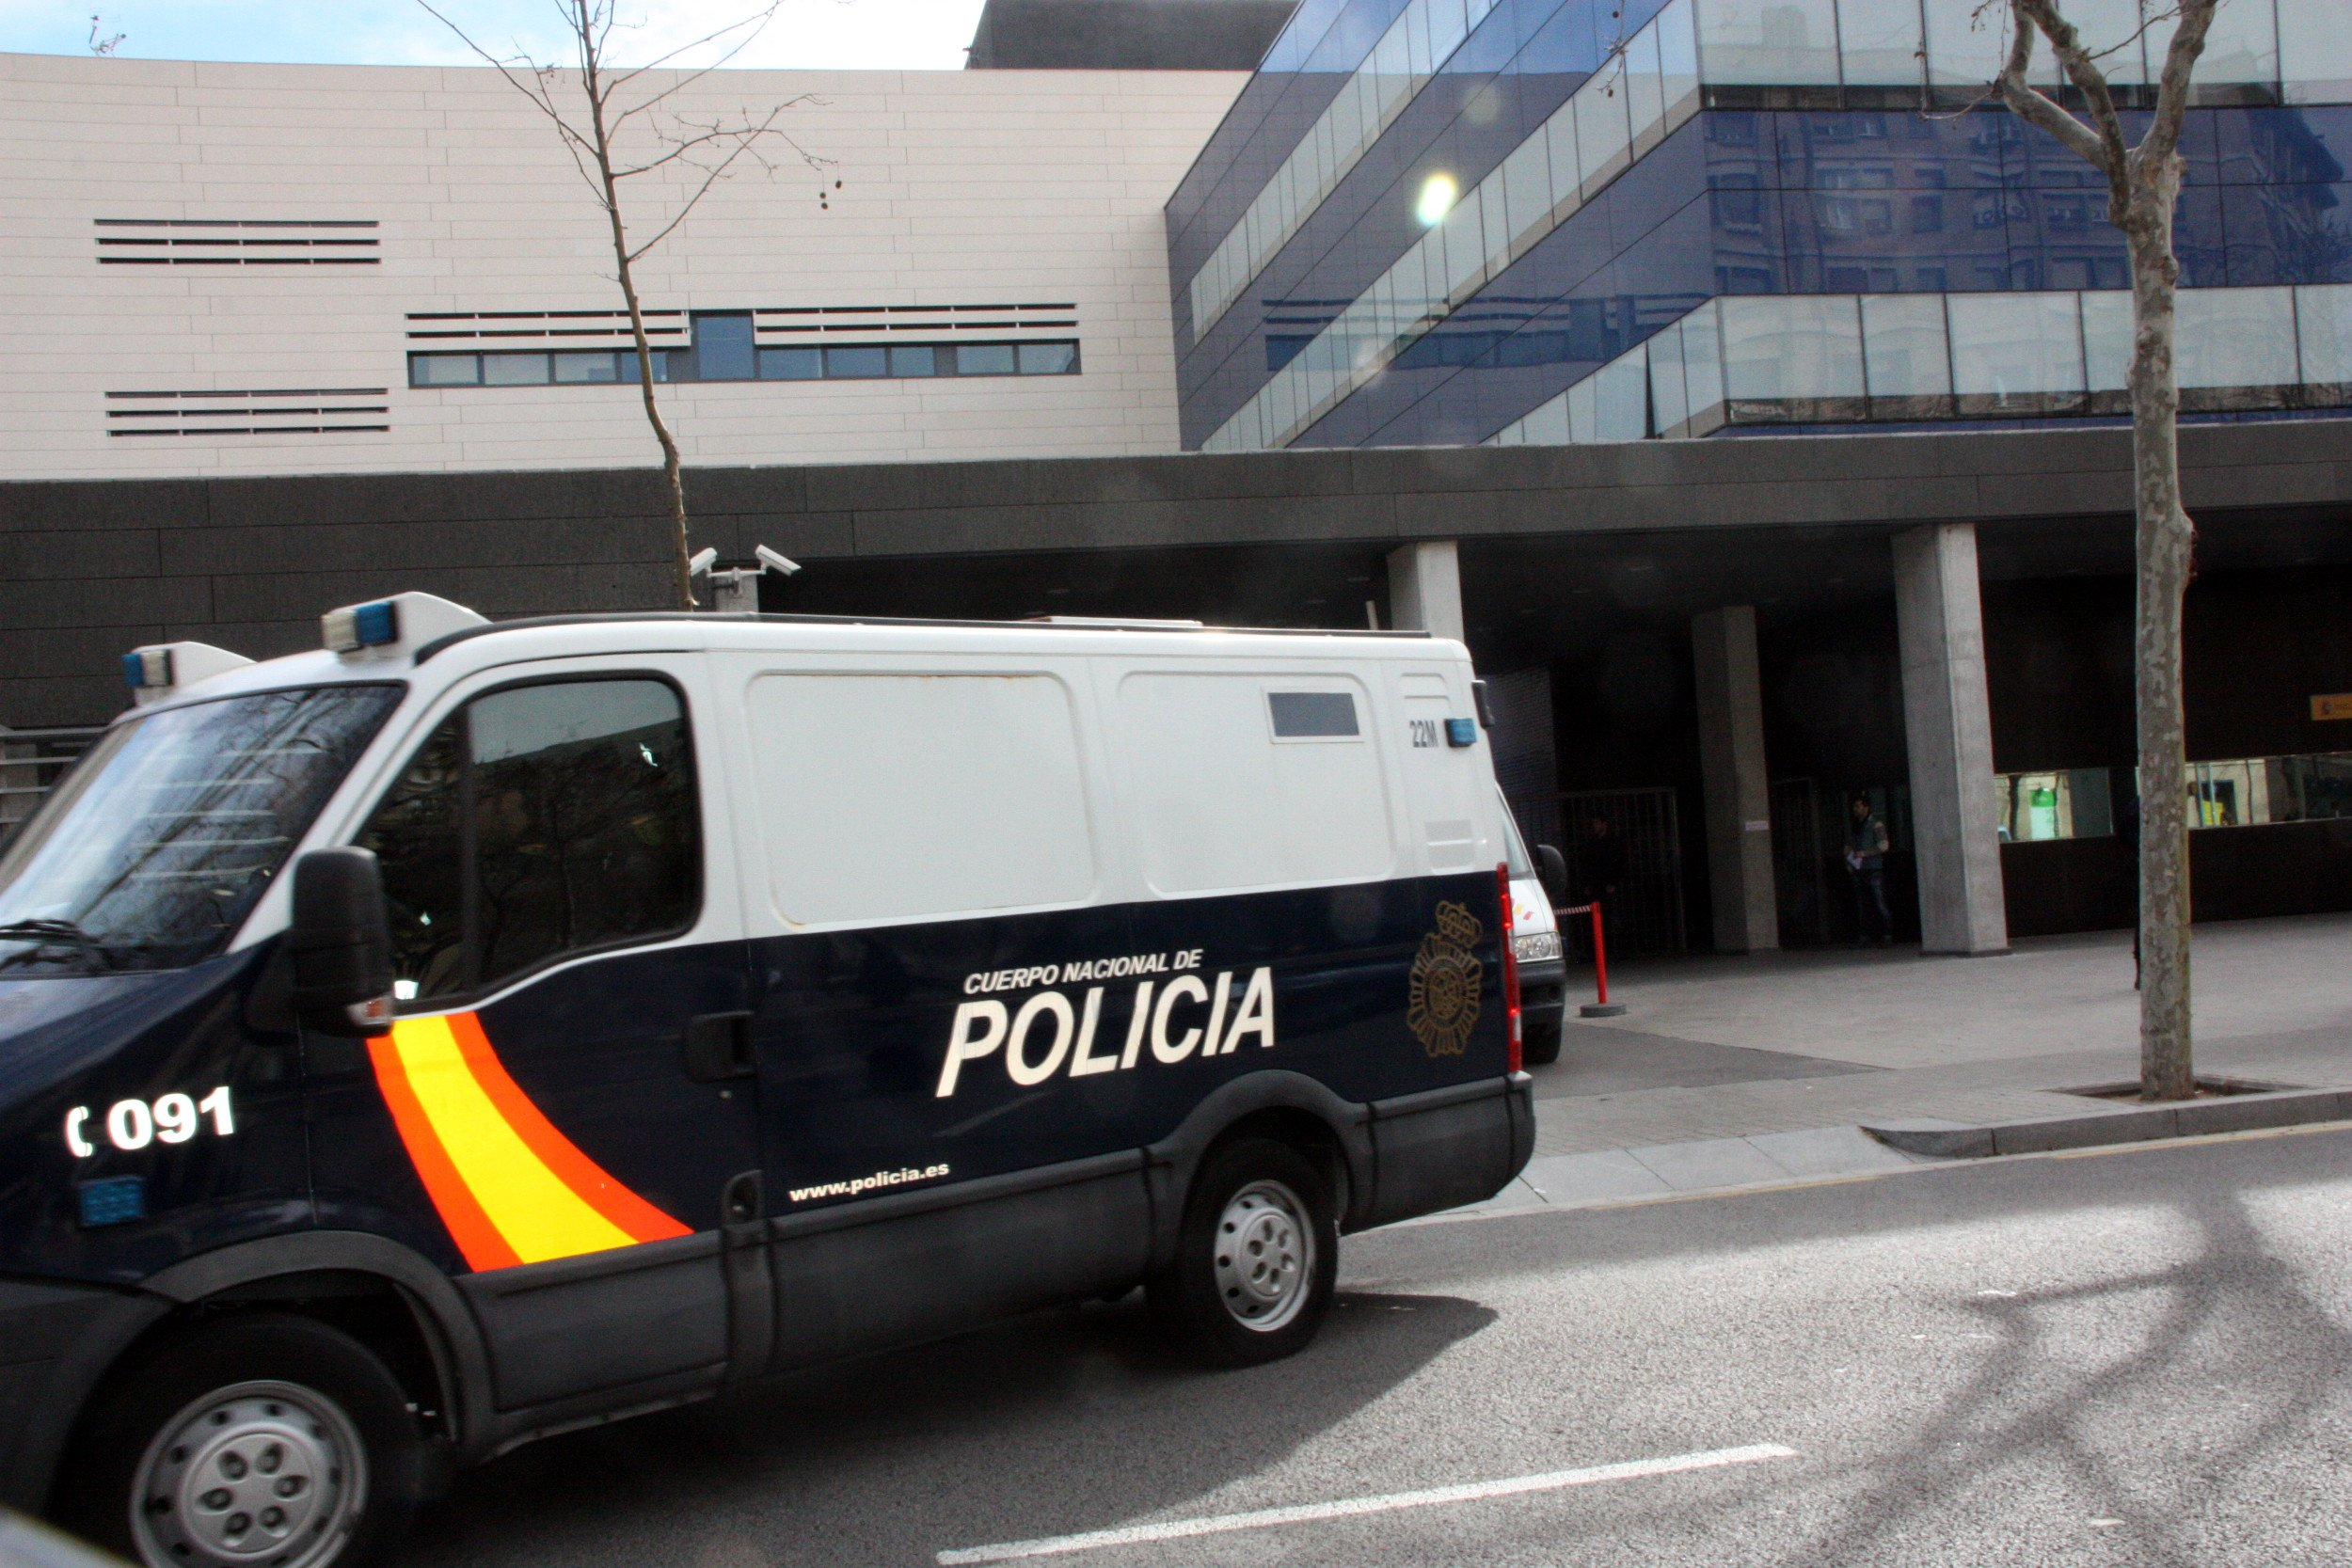 comissaria verneda policia nacional - acn